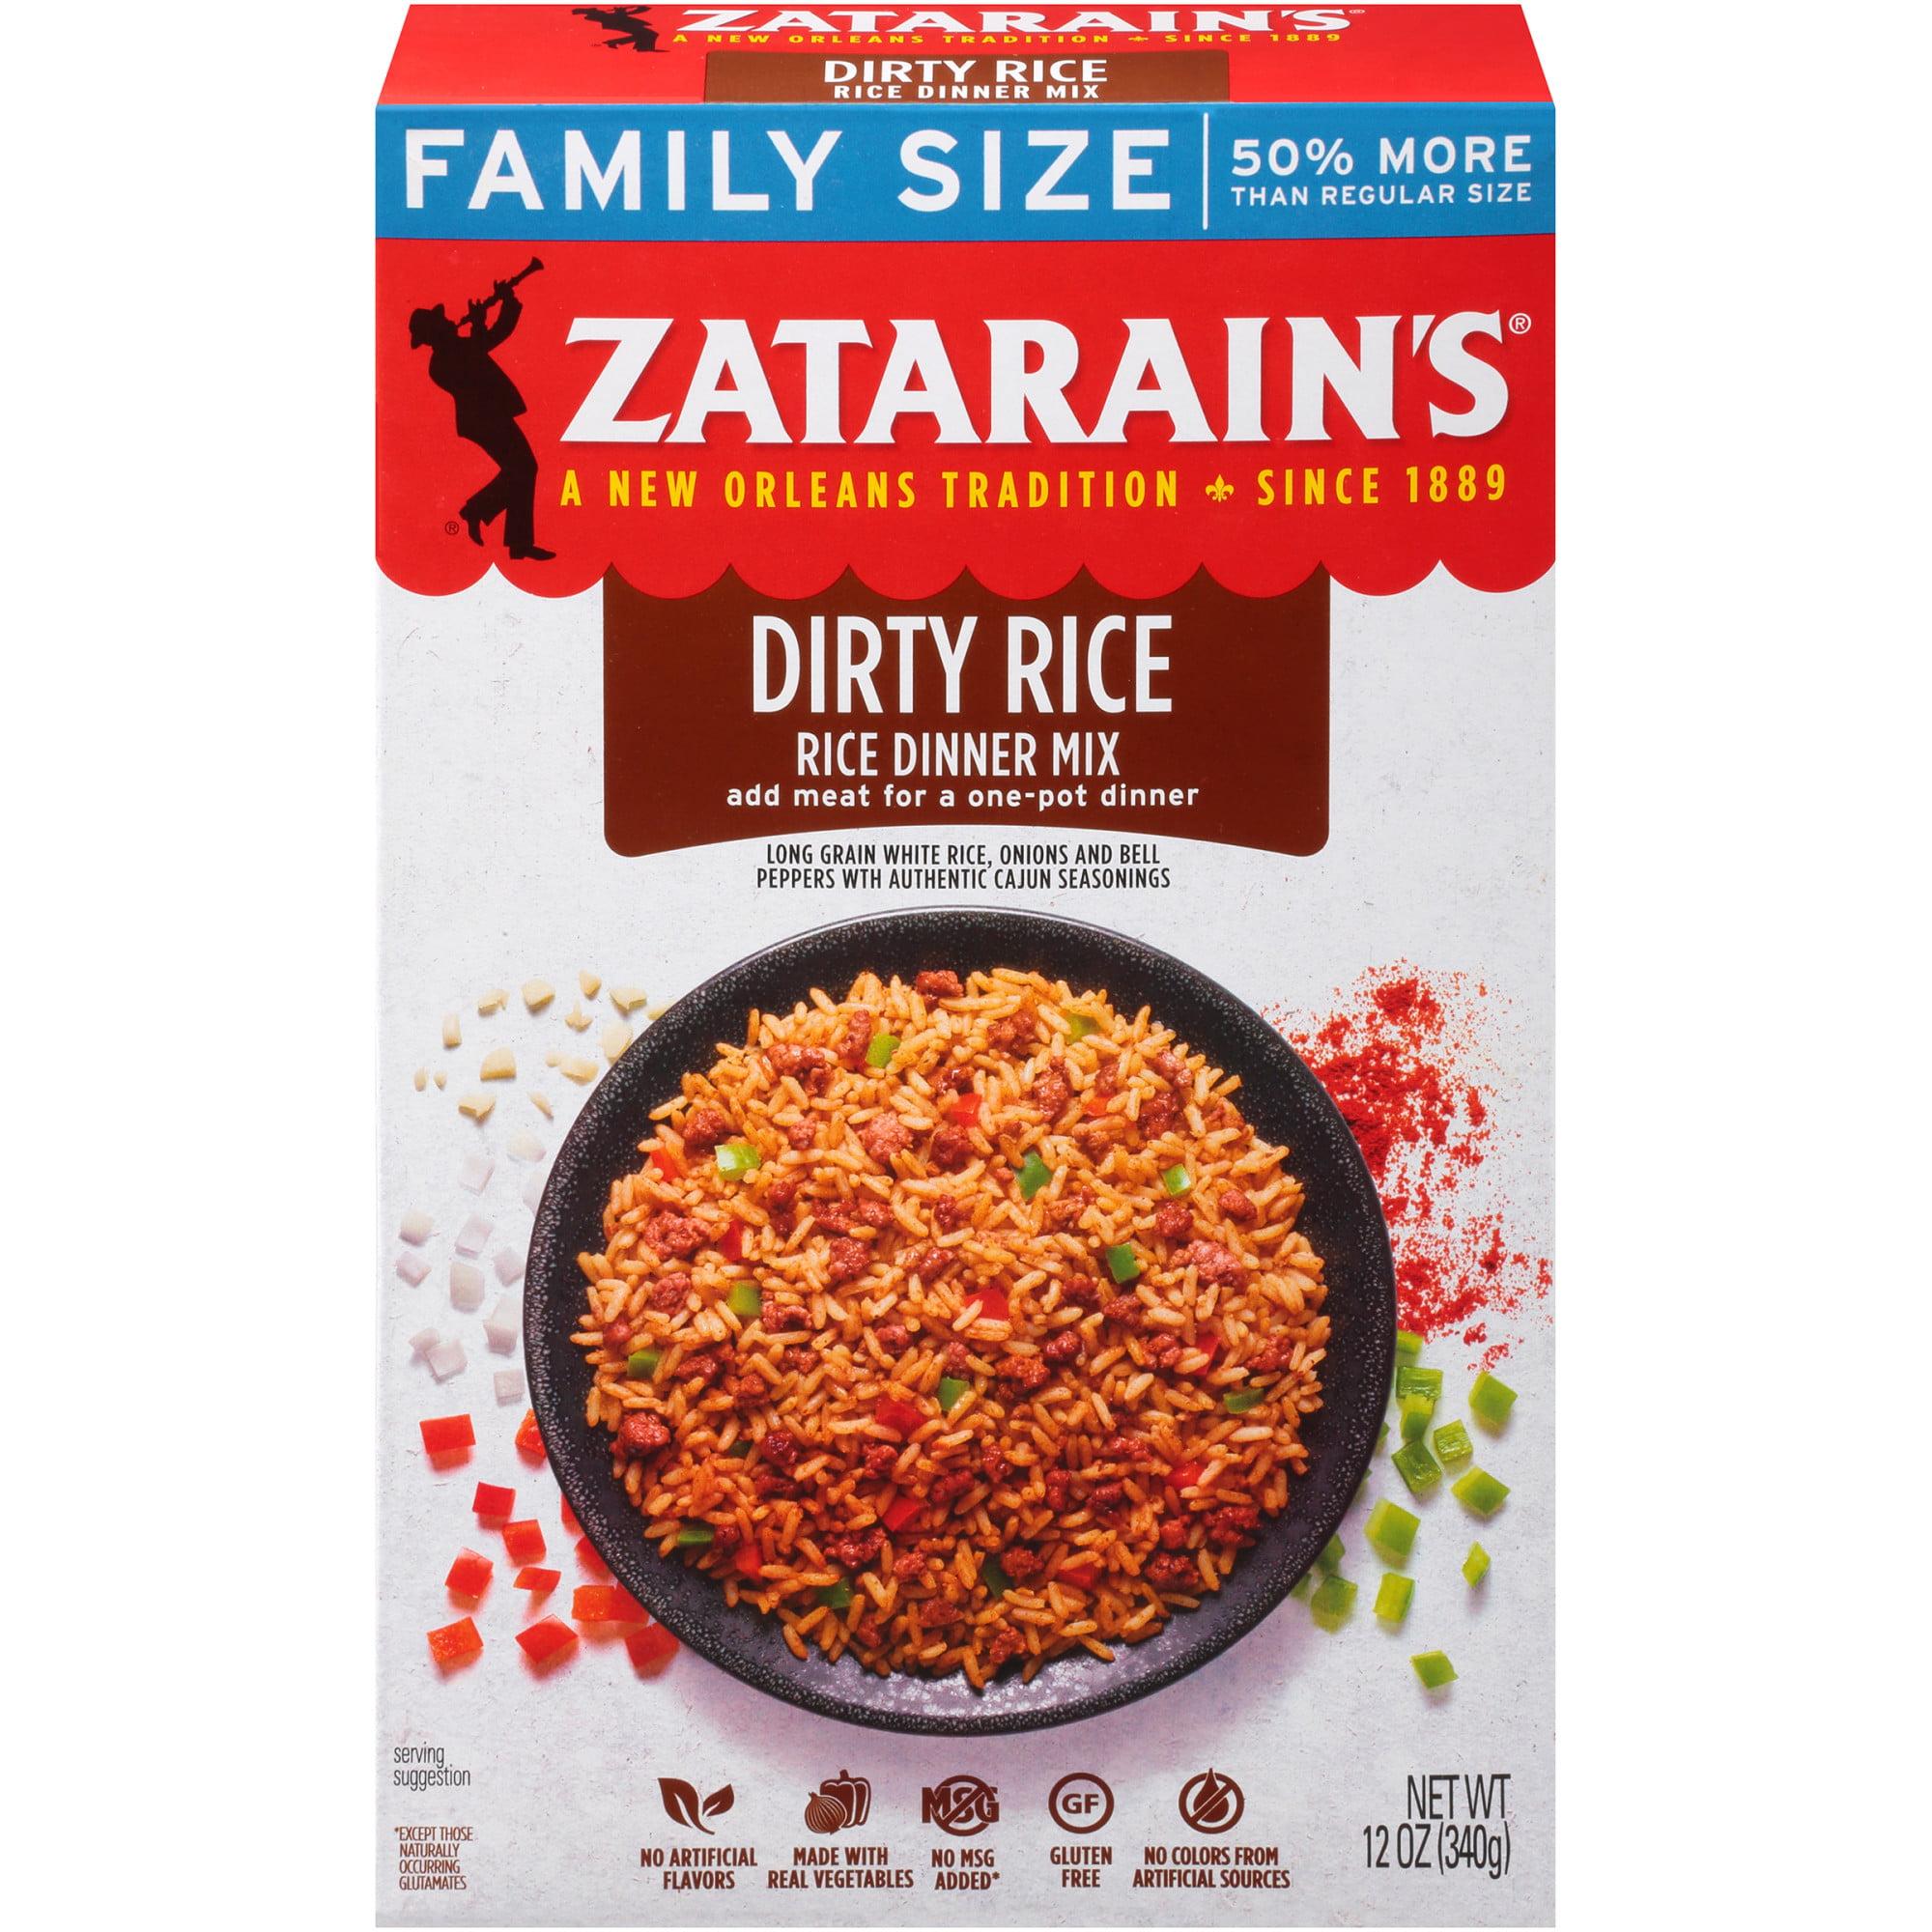 Zatarain's Dirty Rice Family Size, 12 oz